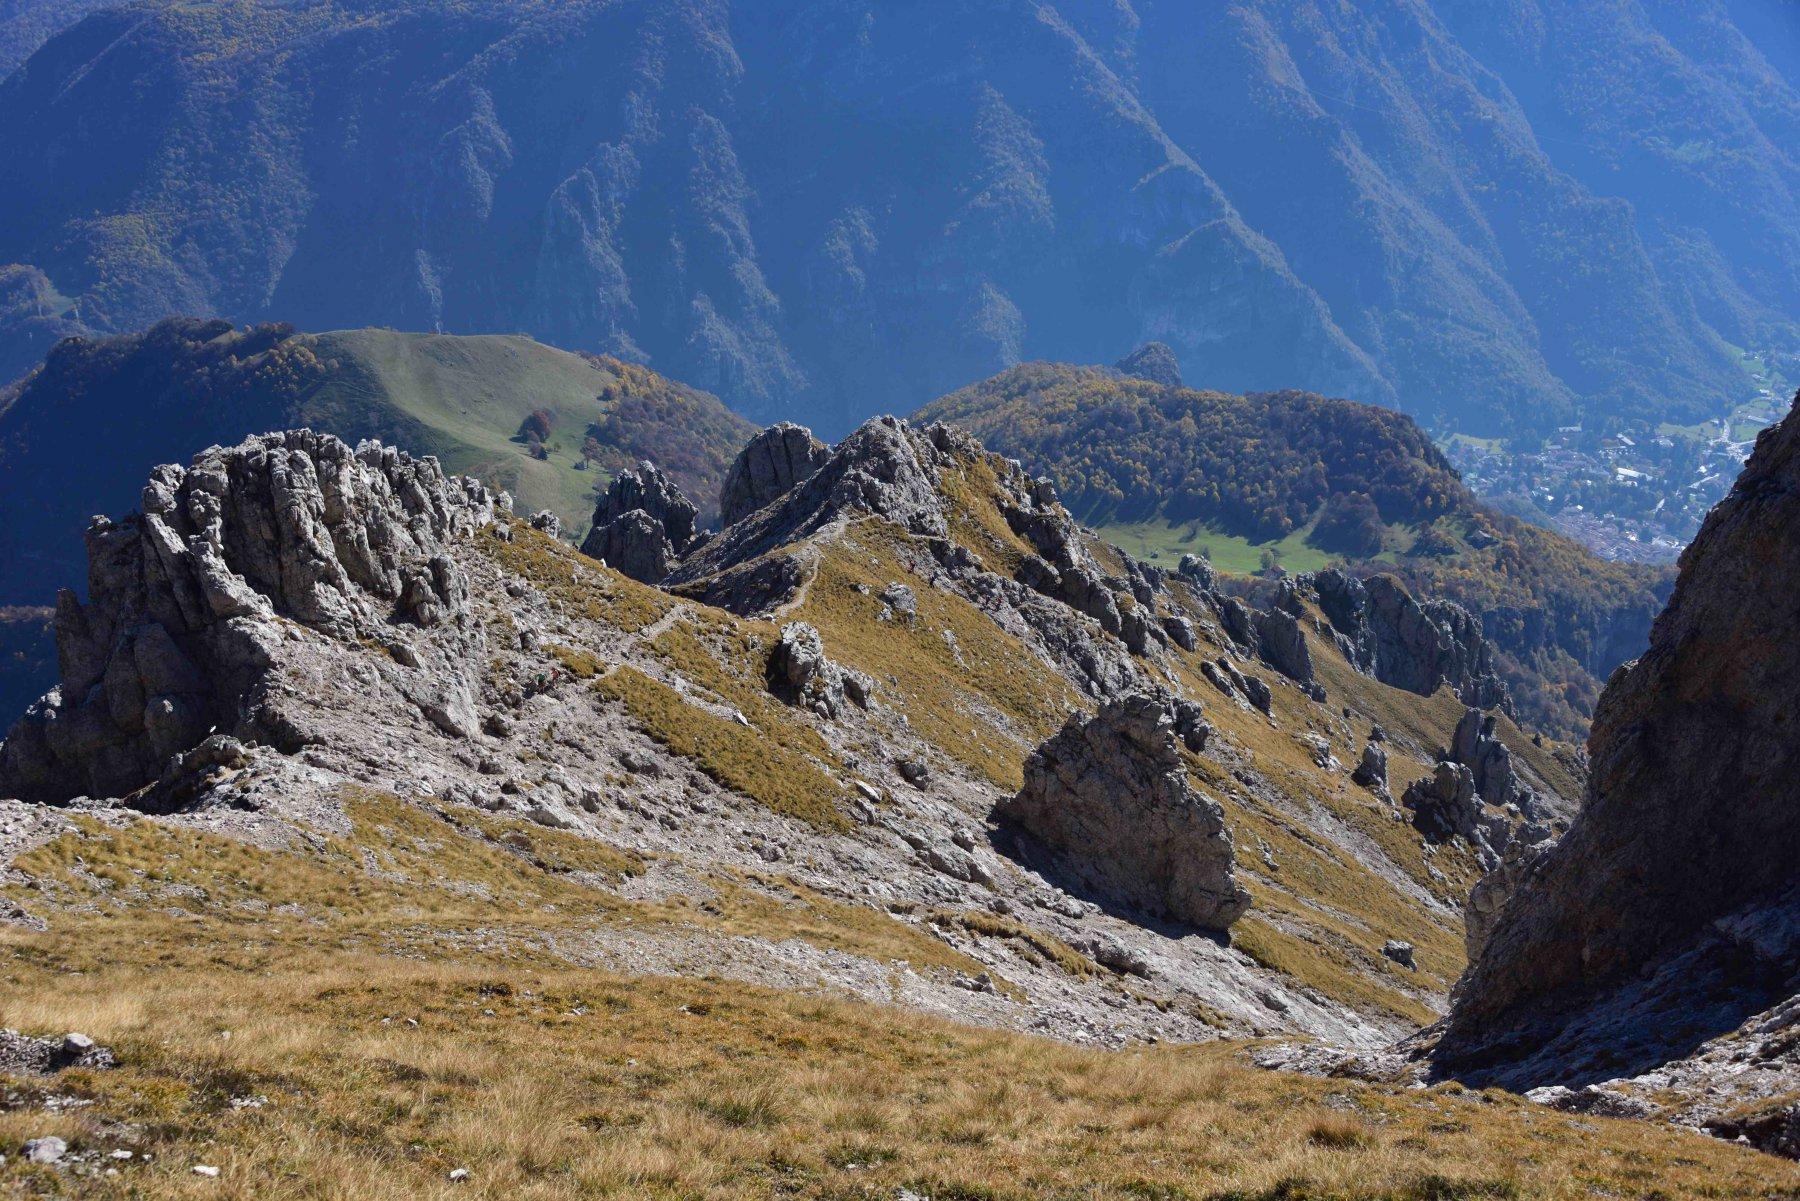 La Cresta Sinigaglia vista dai pressi del Passo del Gatto.